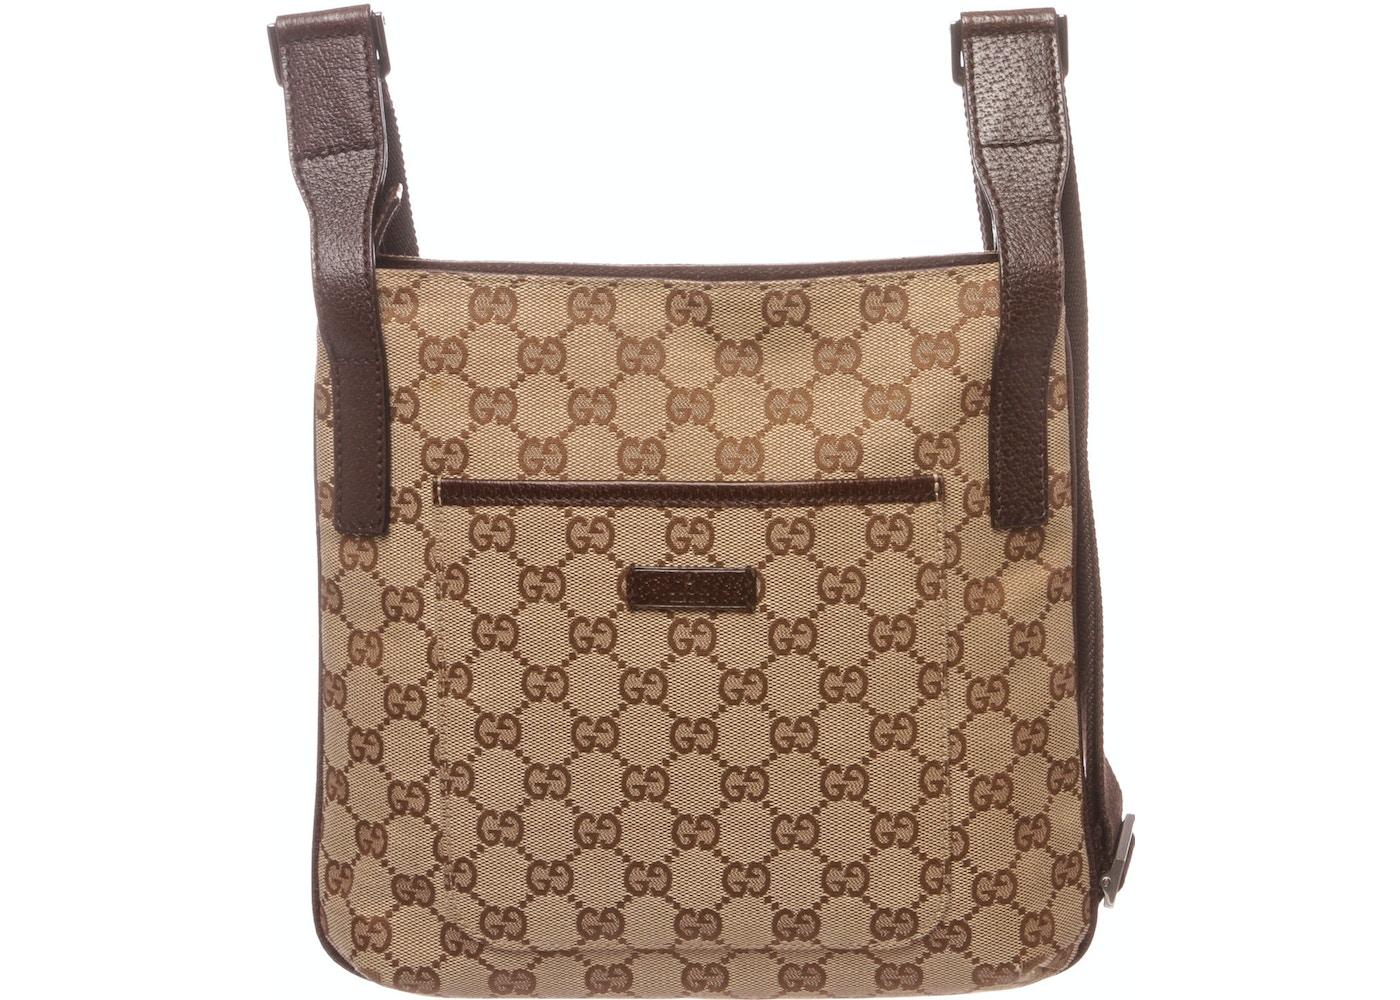 0b881e72e003ea Gucci Crossbody Monogram GG Beige/Brown